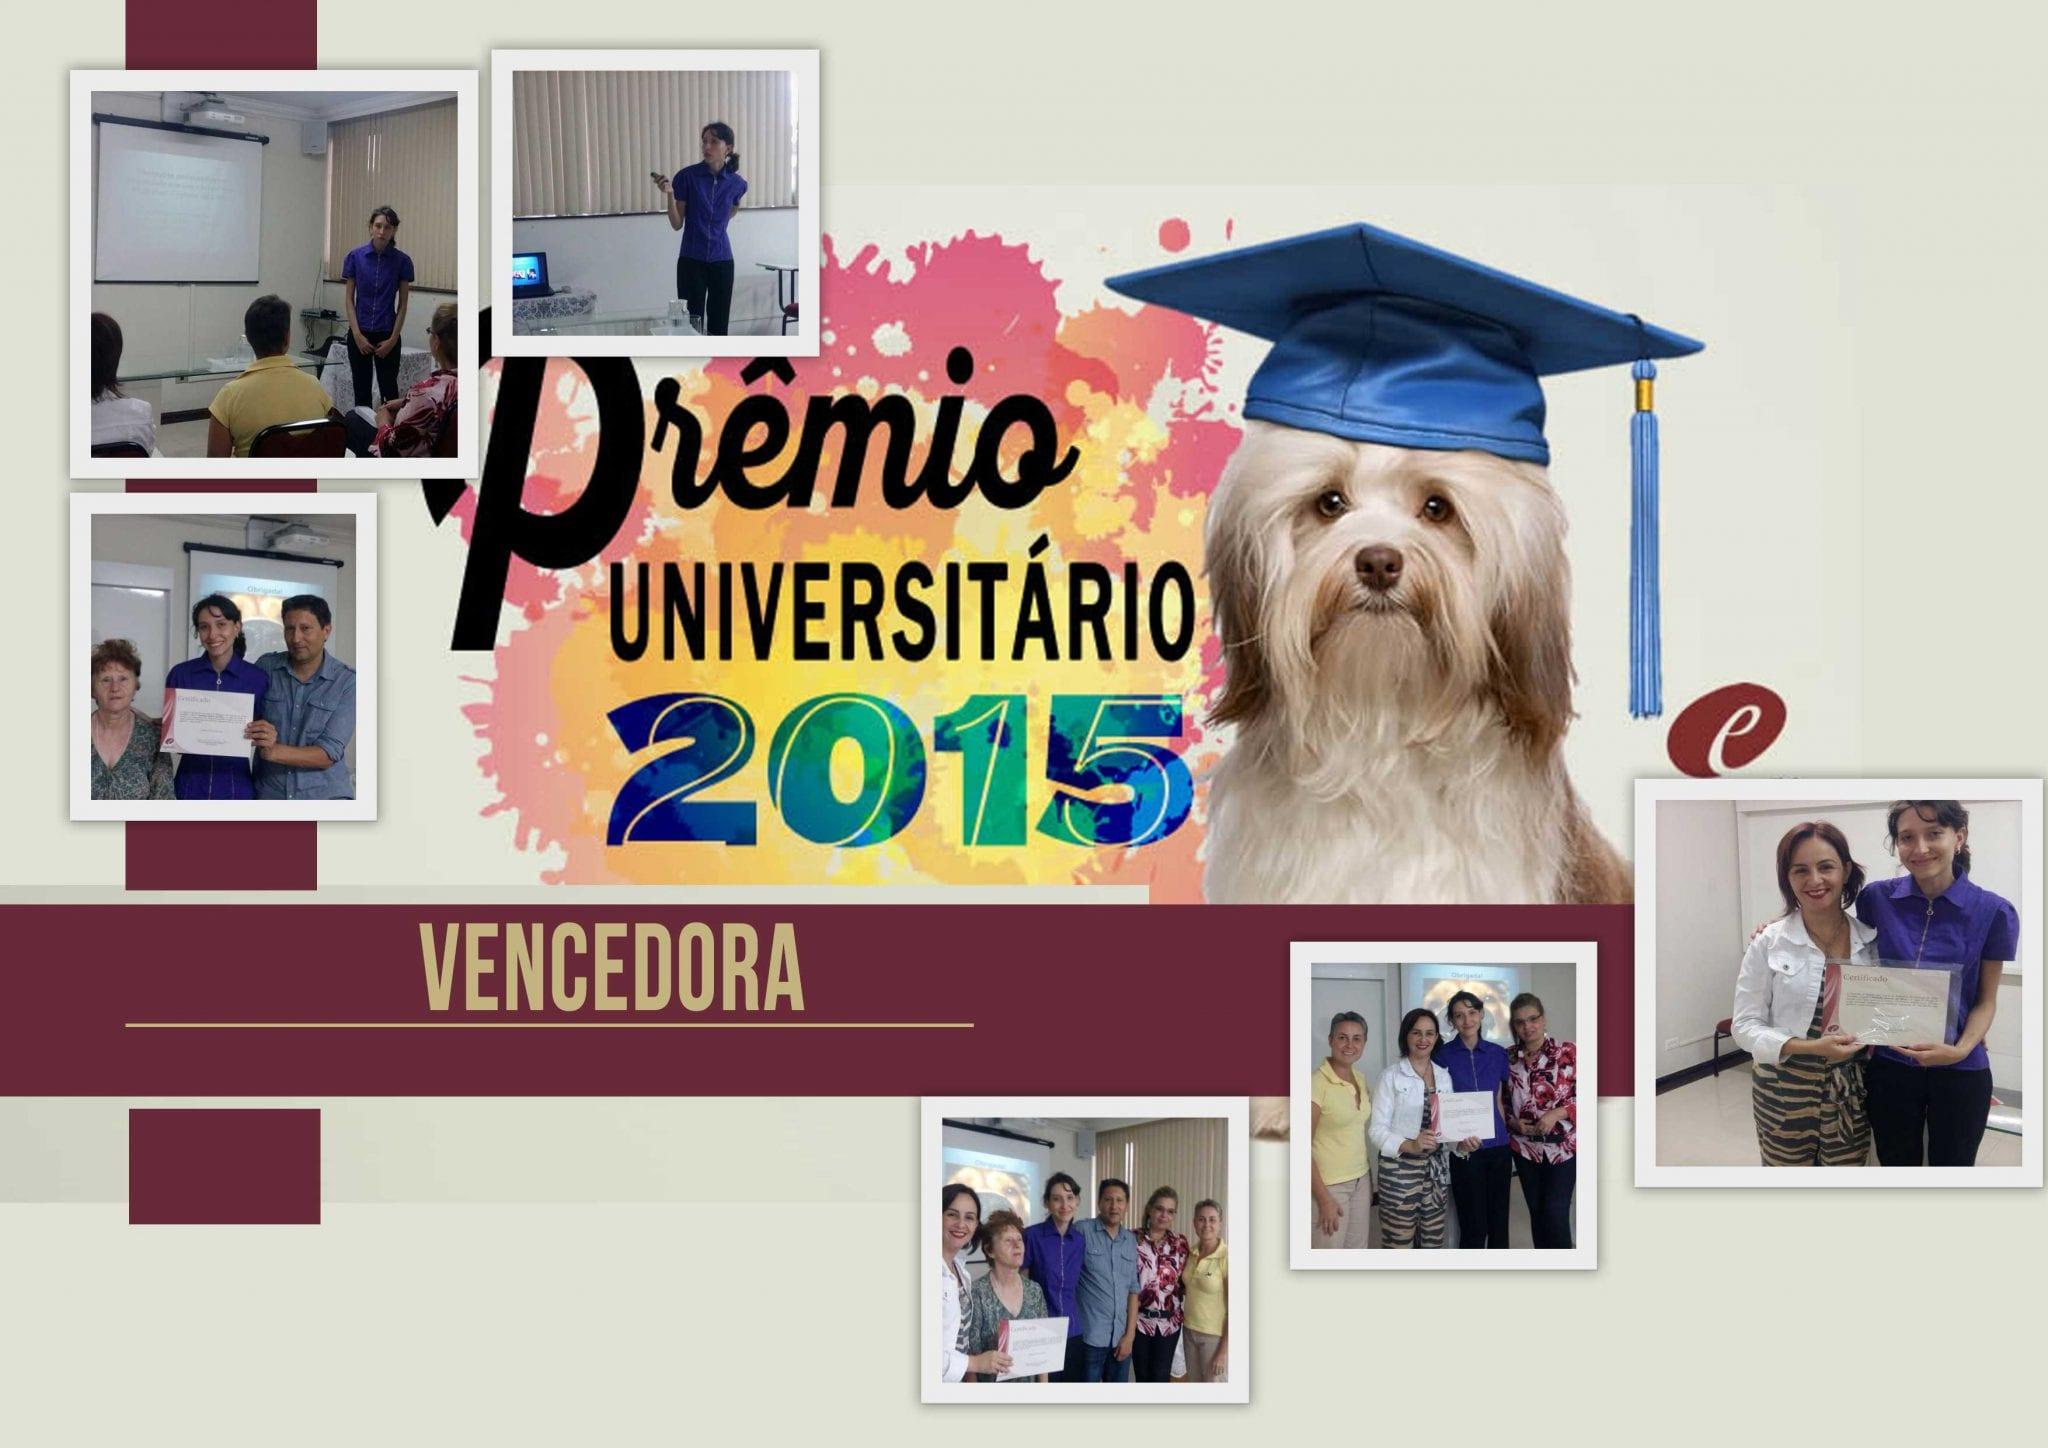 https://www.equalisveterinaria.com.br/wp-content/uploads/2016/11/Ganhadora-Bolsa-Pós-Veterinária-Prêmio-Universitário-2015-Equalis.jpg